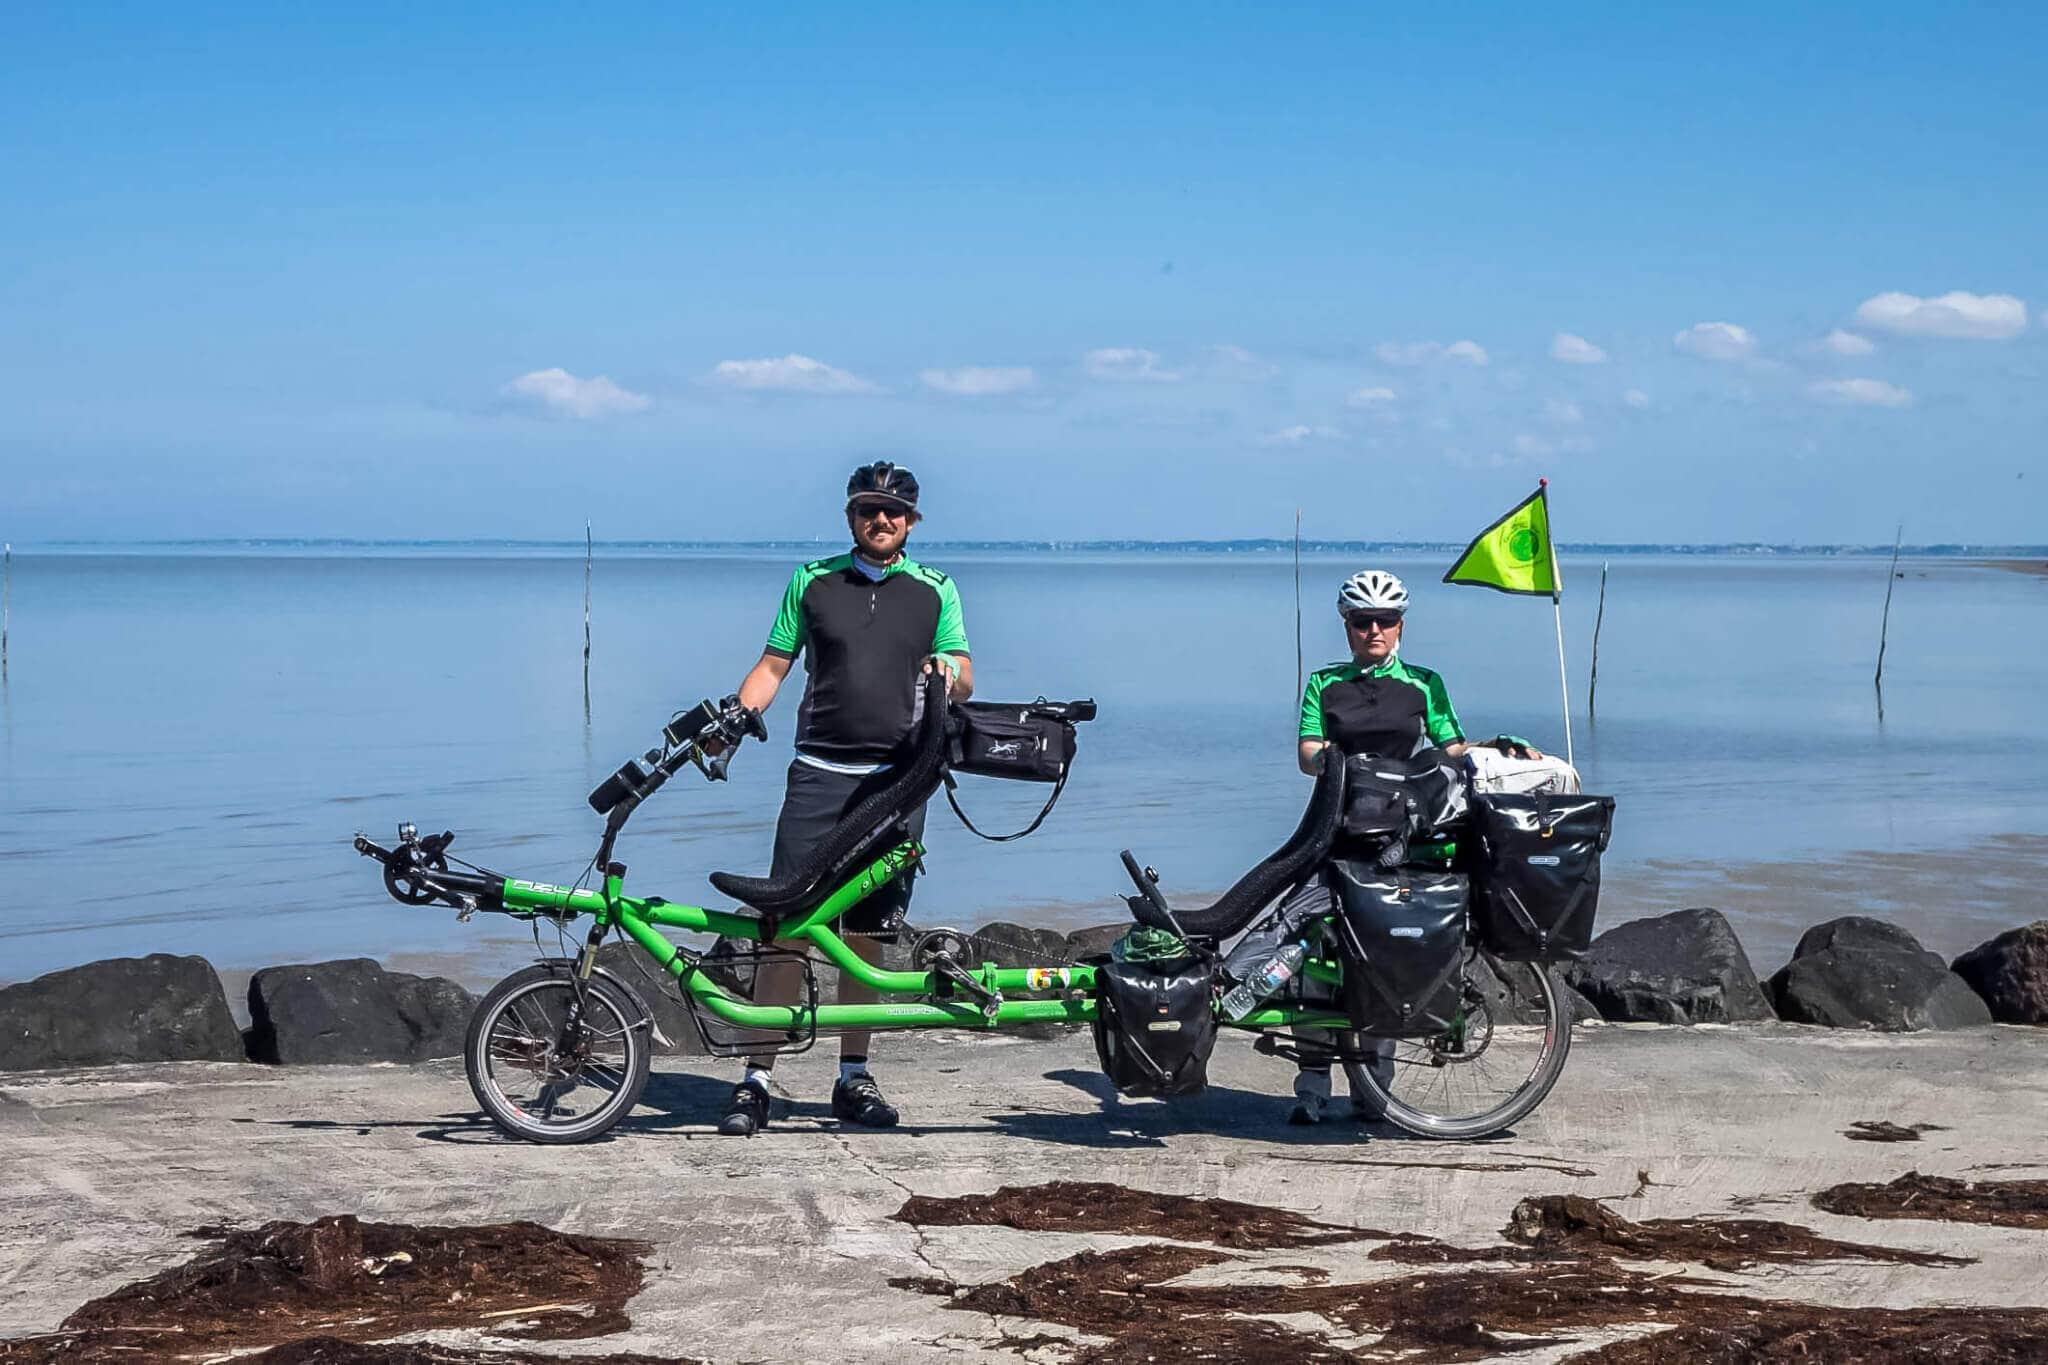 Twin Mediagallery 20 26 Quot Tandem Recumbent Bike Azub